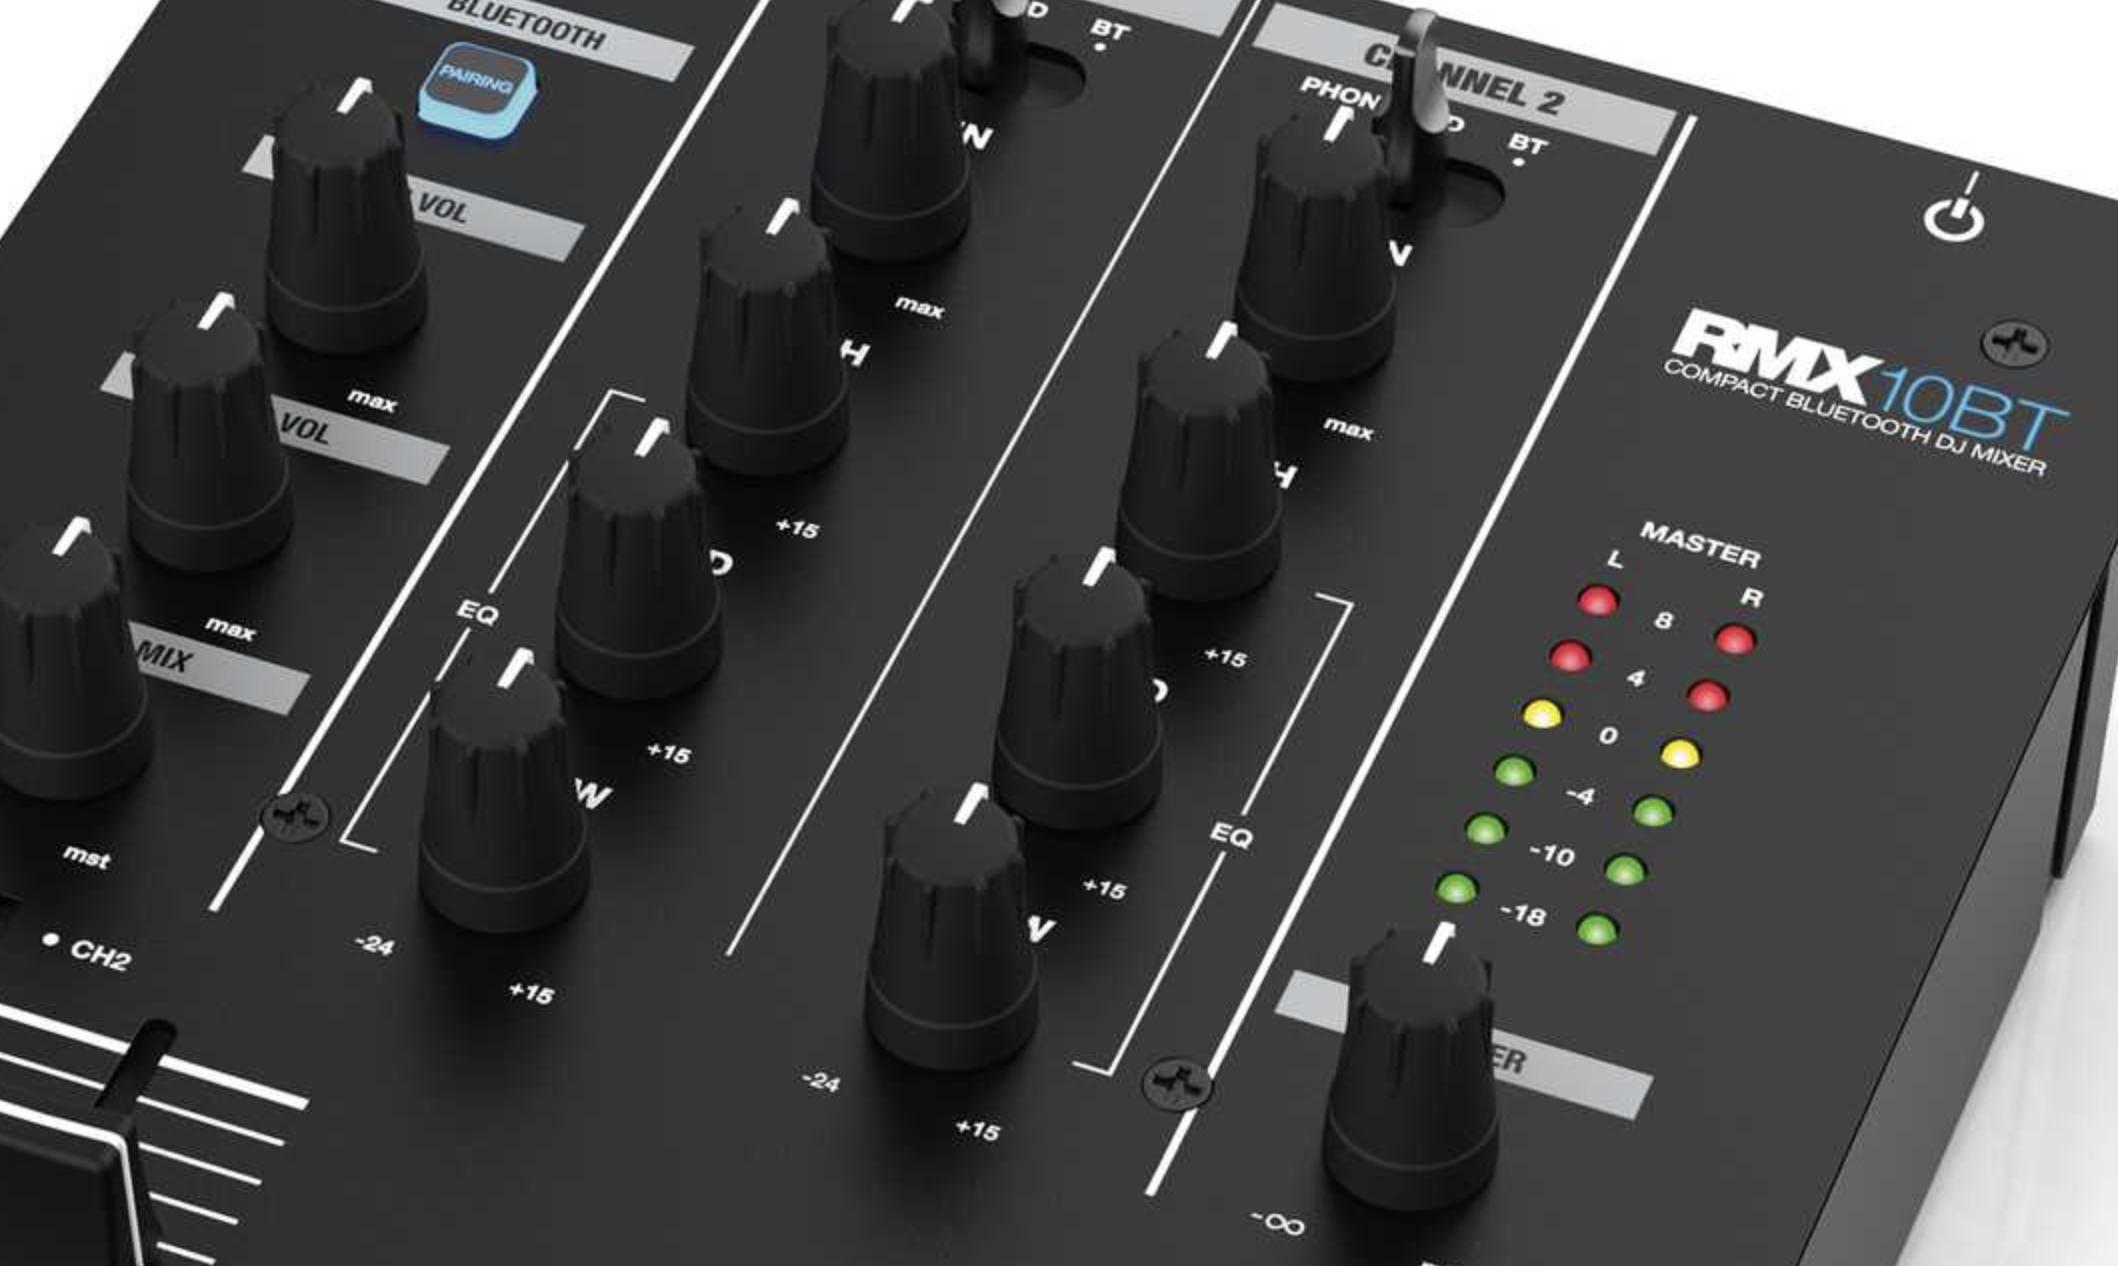 Reloop RMX-10 BT, mezclador para DJ con bluetooth integrado | Hispasonic